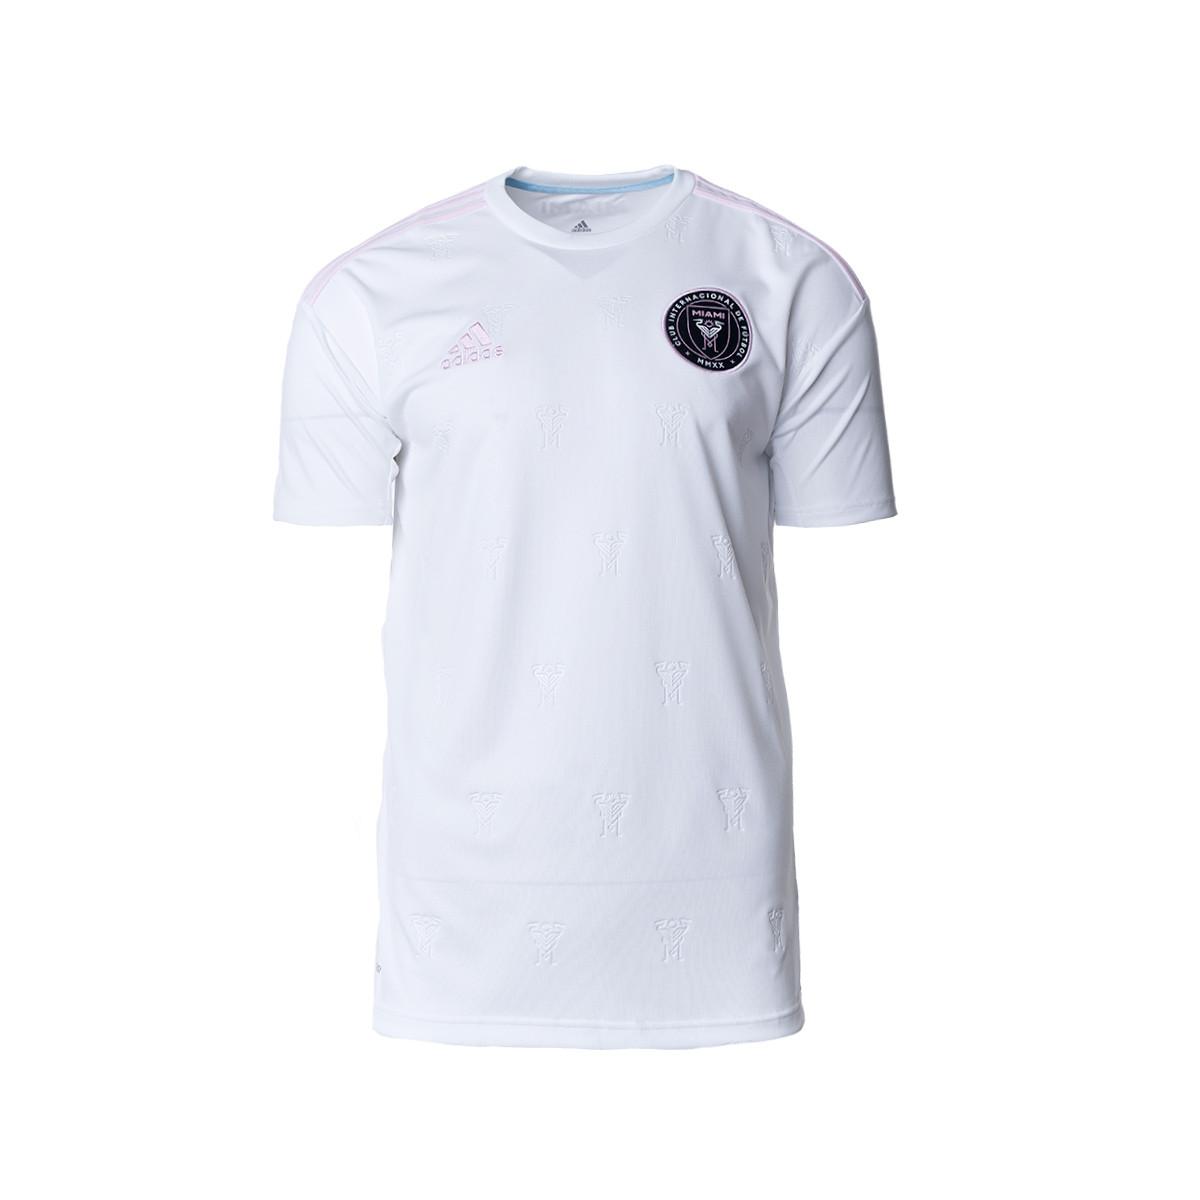 Novas camisas do Inter com a marca Adidas devem estar à